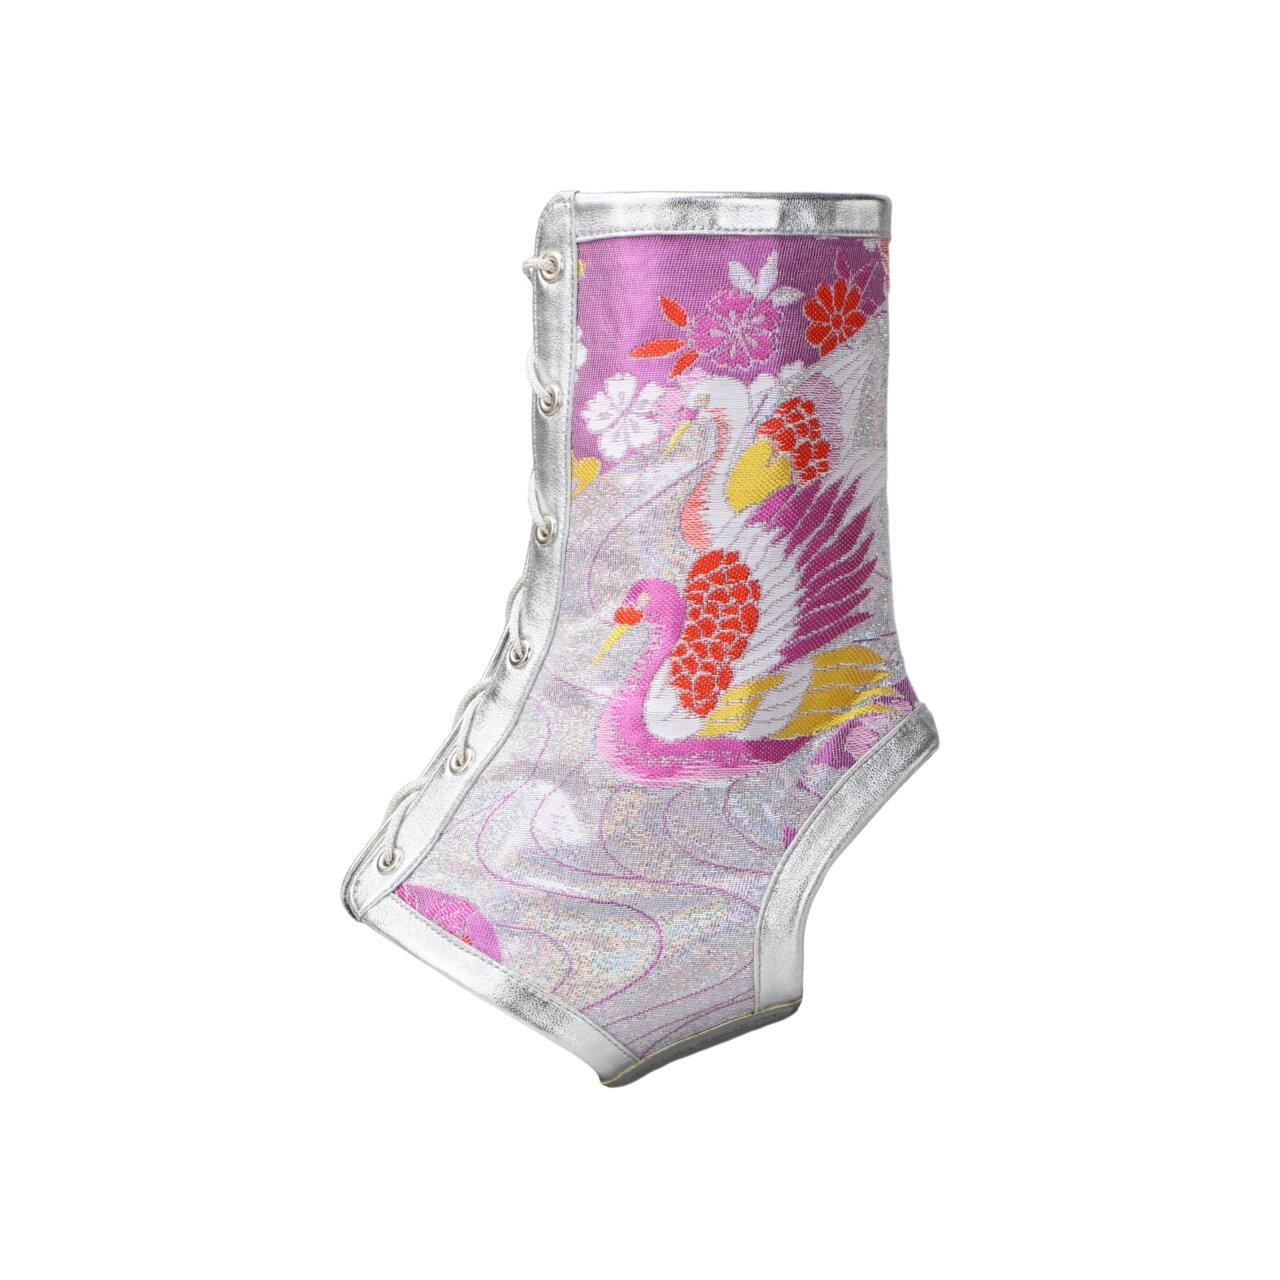 『Obi de Boots 粋』恋慕〜Renbo〜(ブーツカバーのみ)の画像